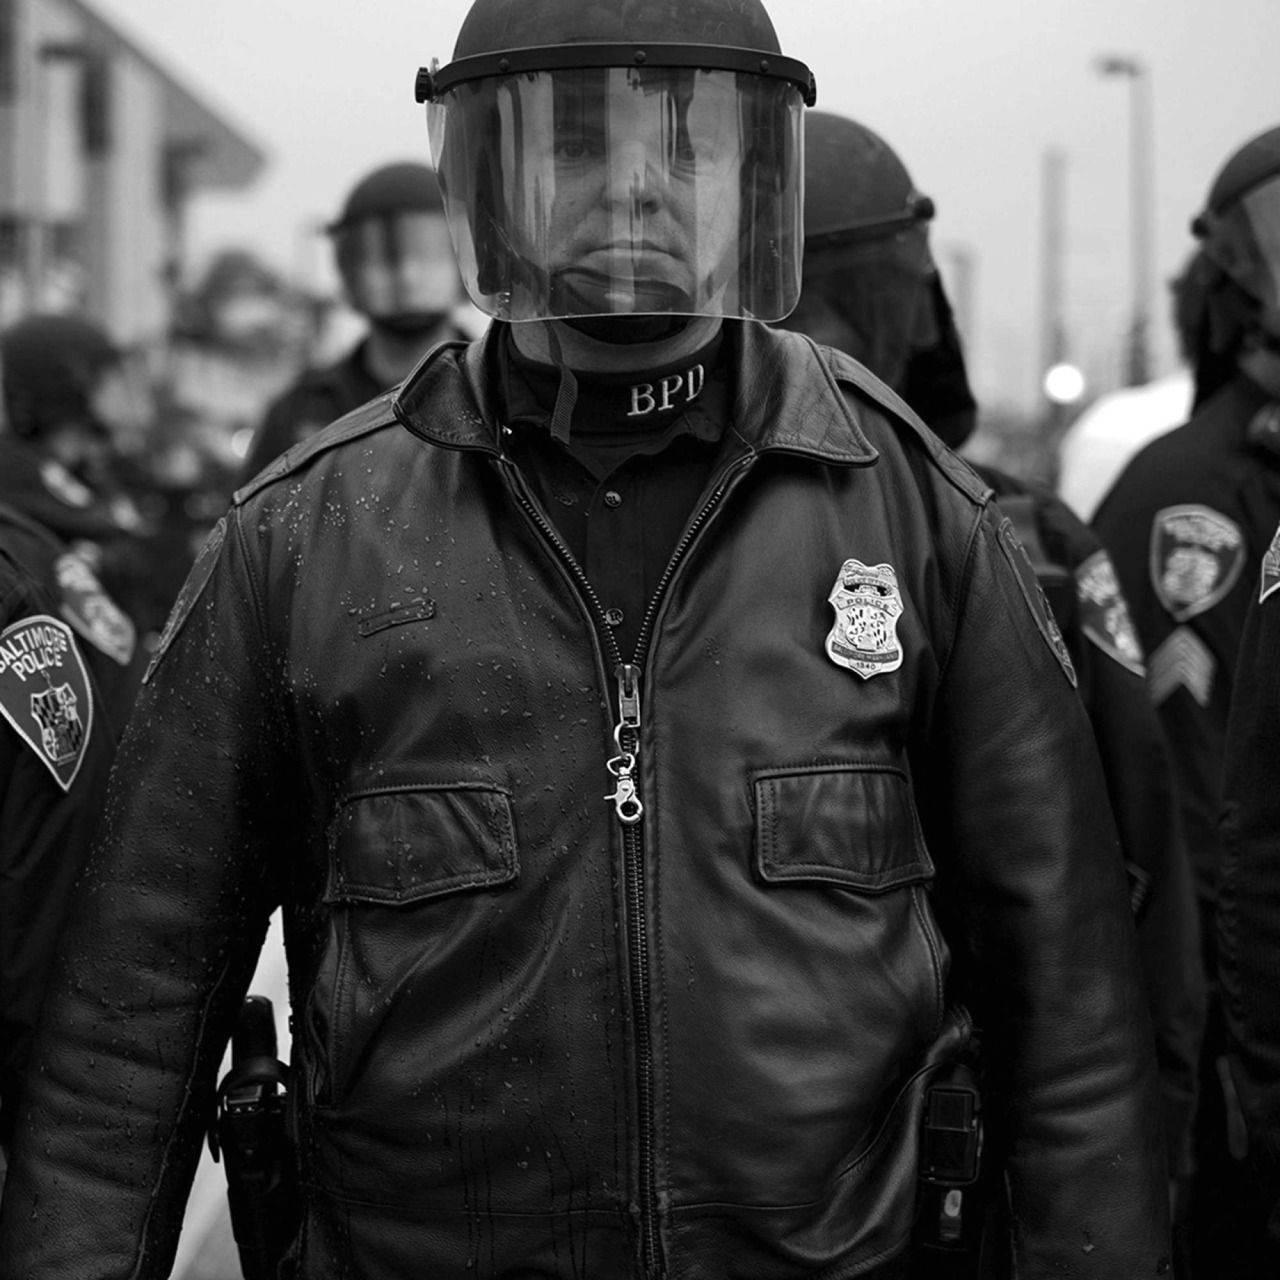 Горячие-и-горящие-фото-из-Балтимора-13